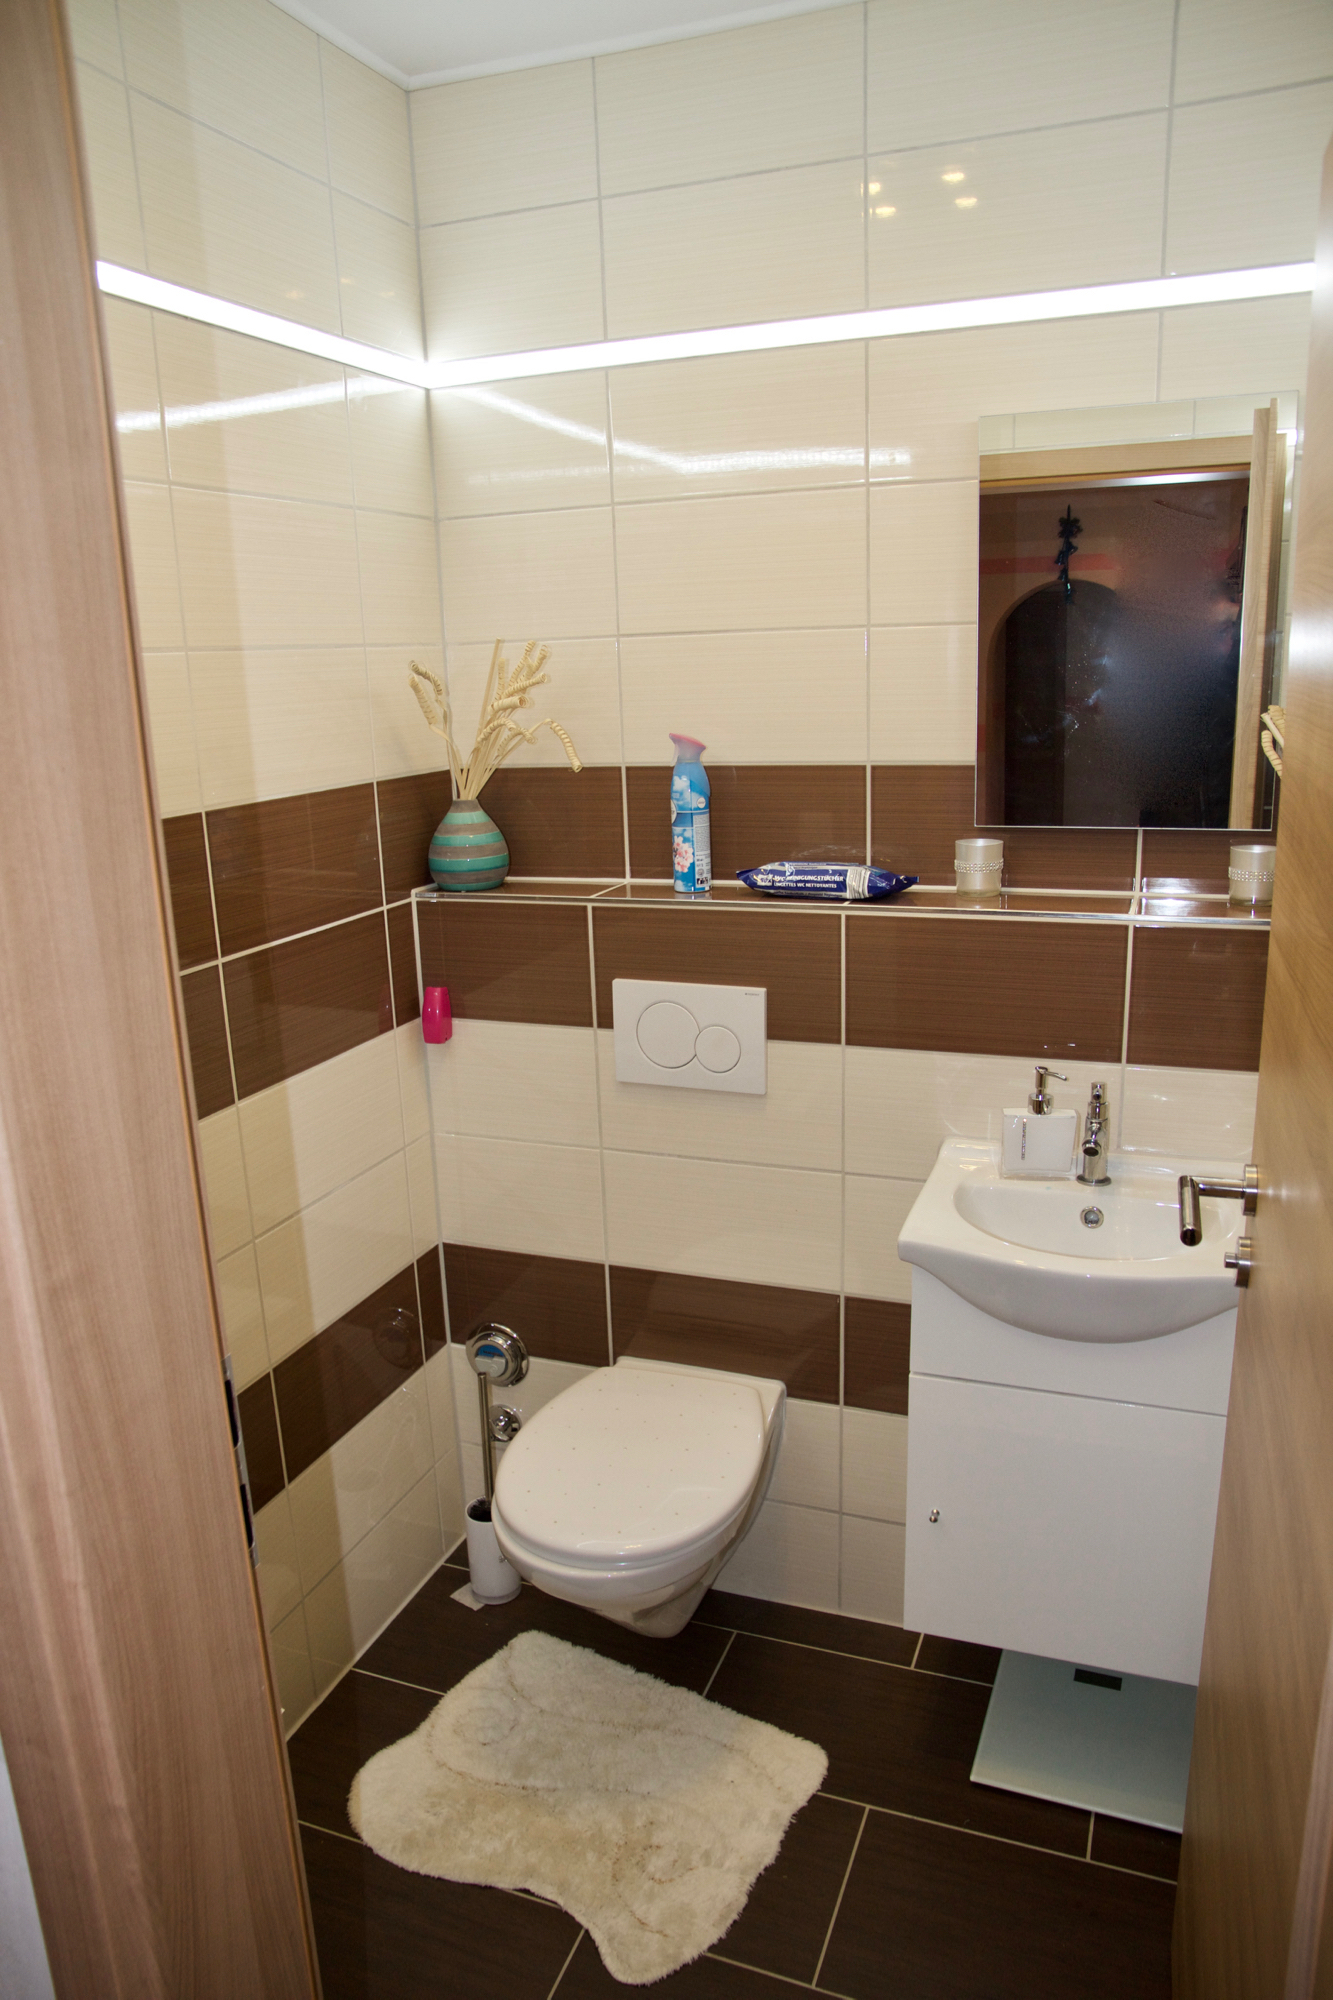 Gäste-WC mit LED-Lichtleiste